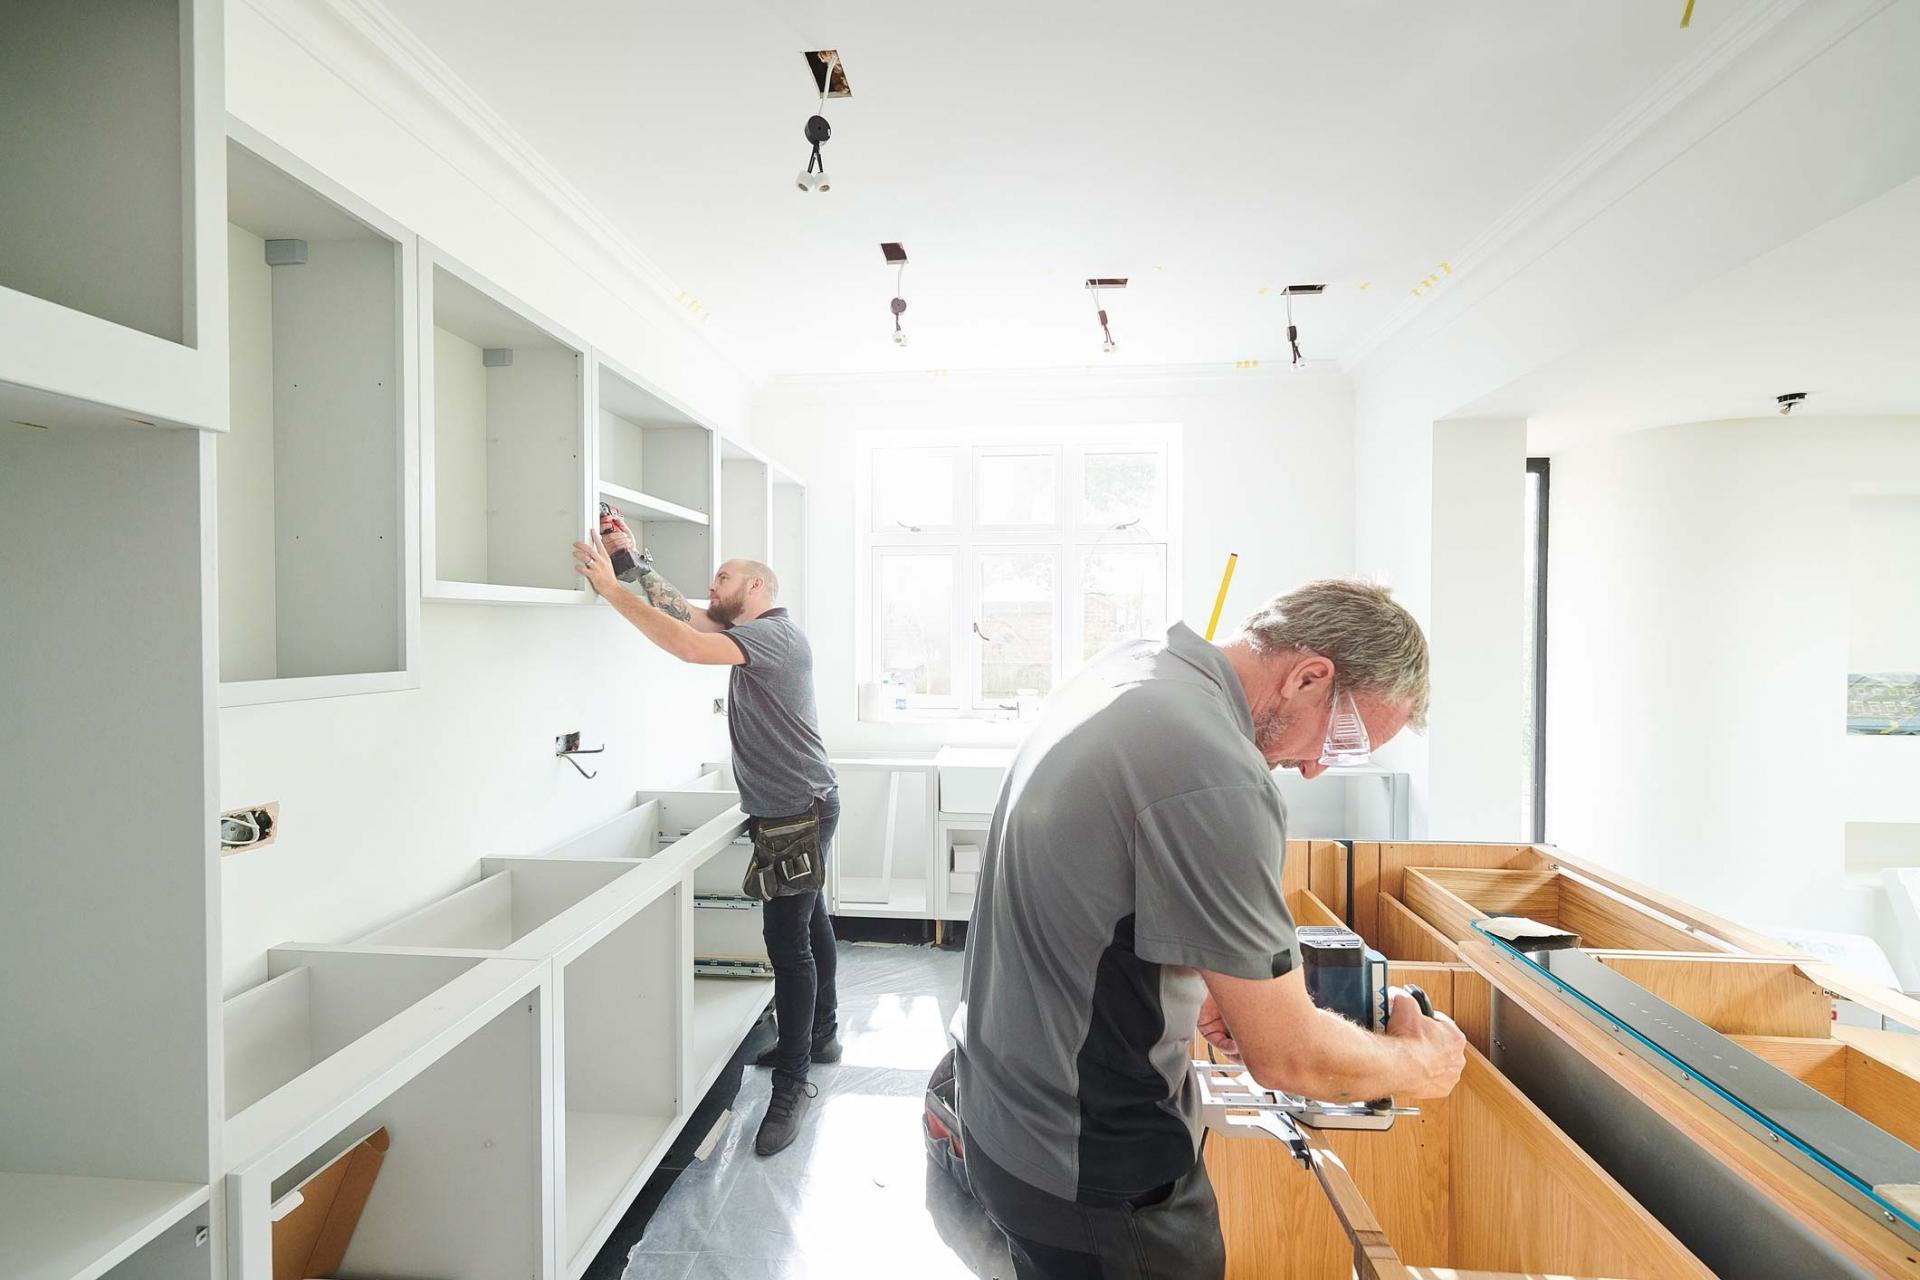 Männer beim Aufbau einer Küche